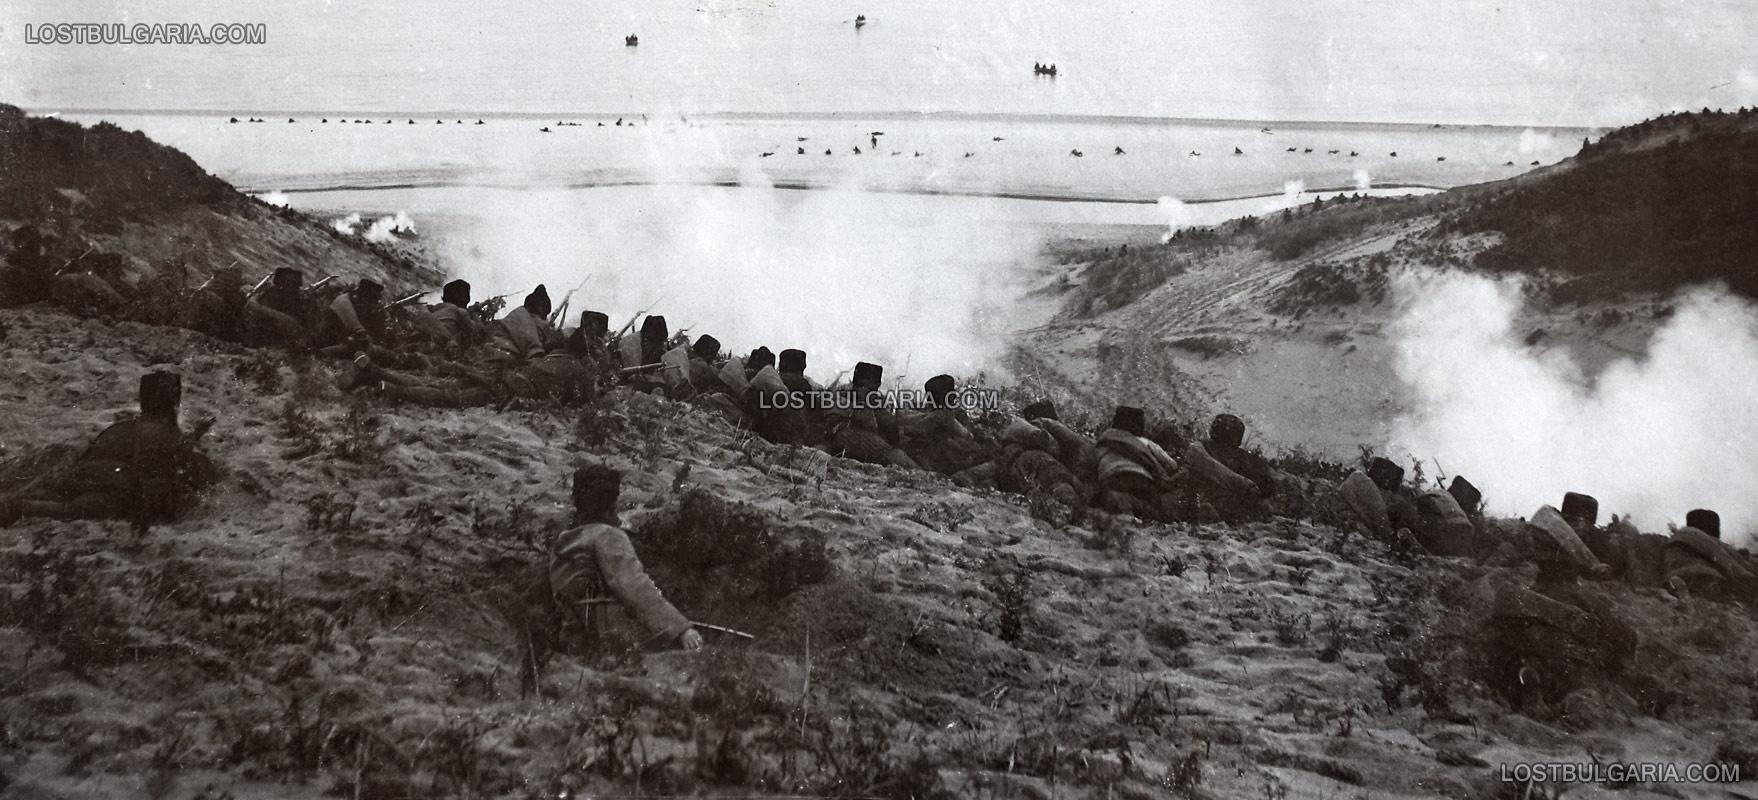 Битката при Булаир на брега на Мраморно море, позициите на българската войска, която отблъсква настъпващите от морето турски части, февруари 1913 г.